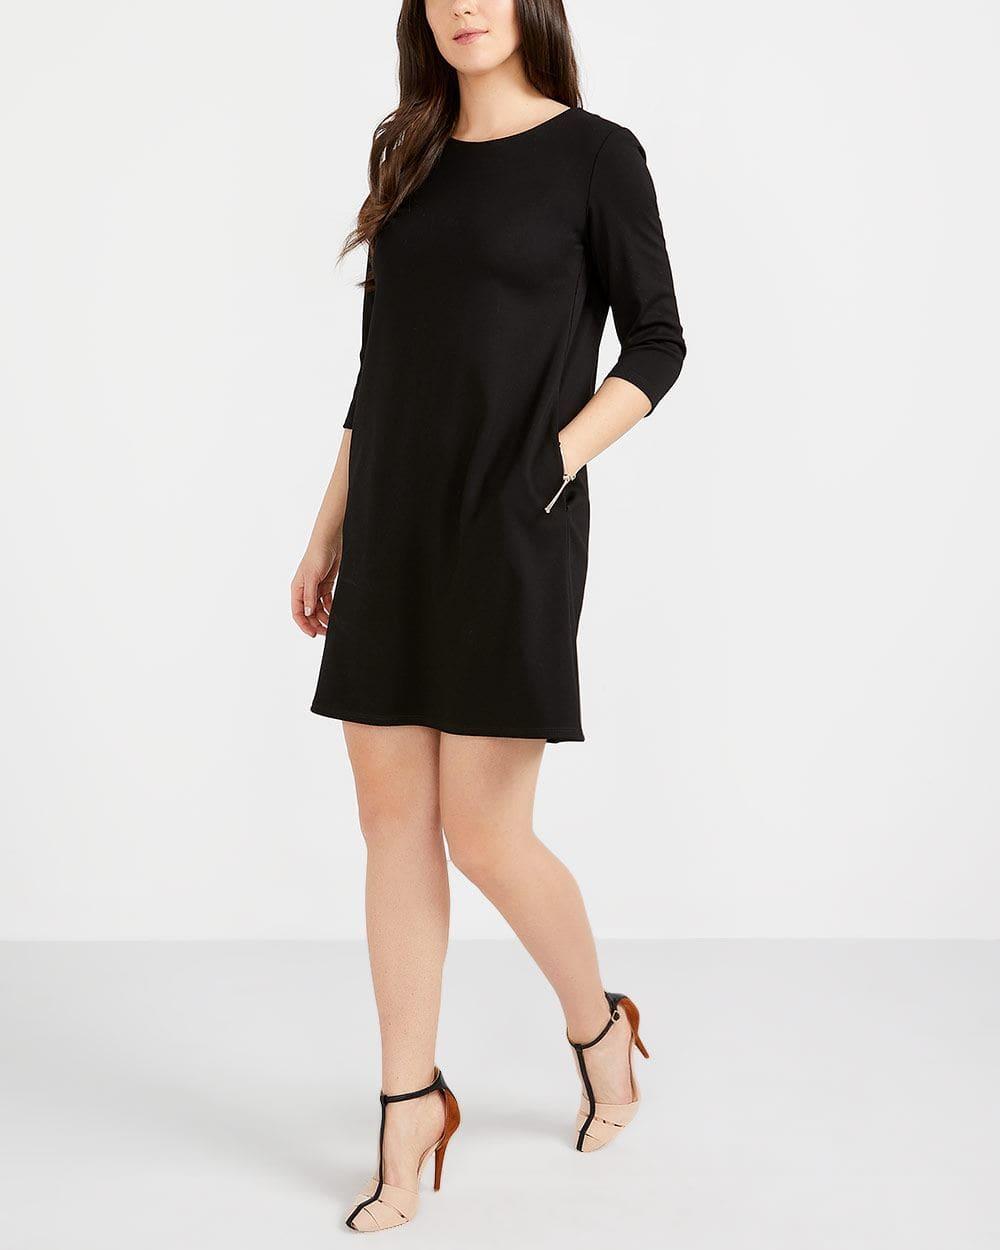 ¾ Sleeve A-Line Dress